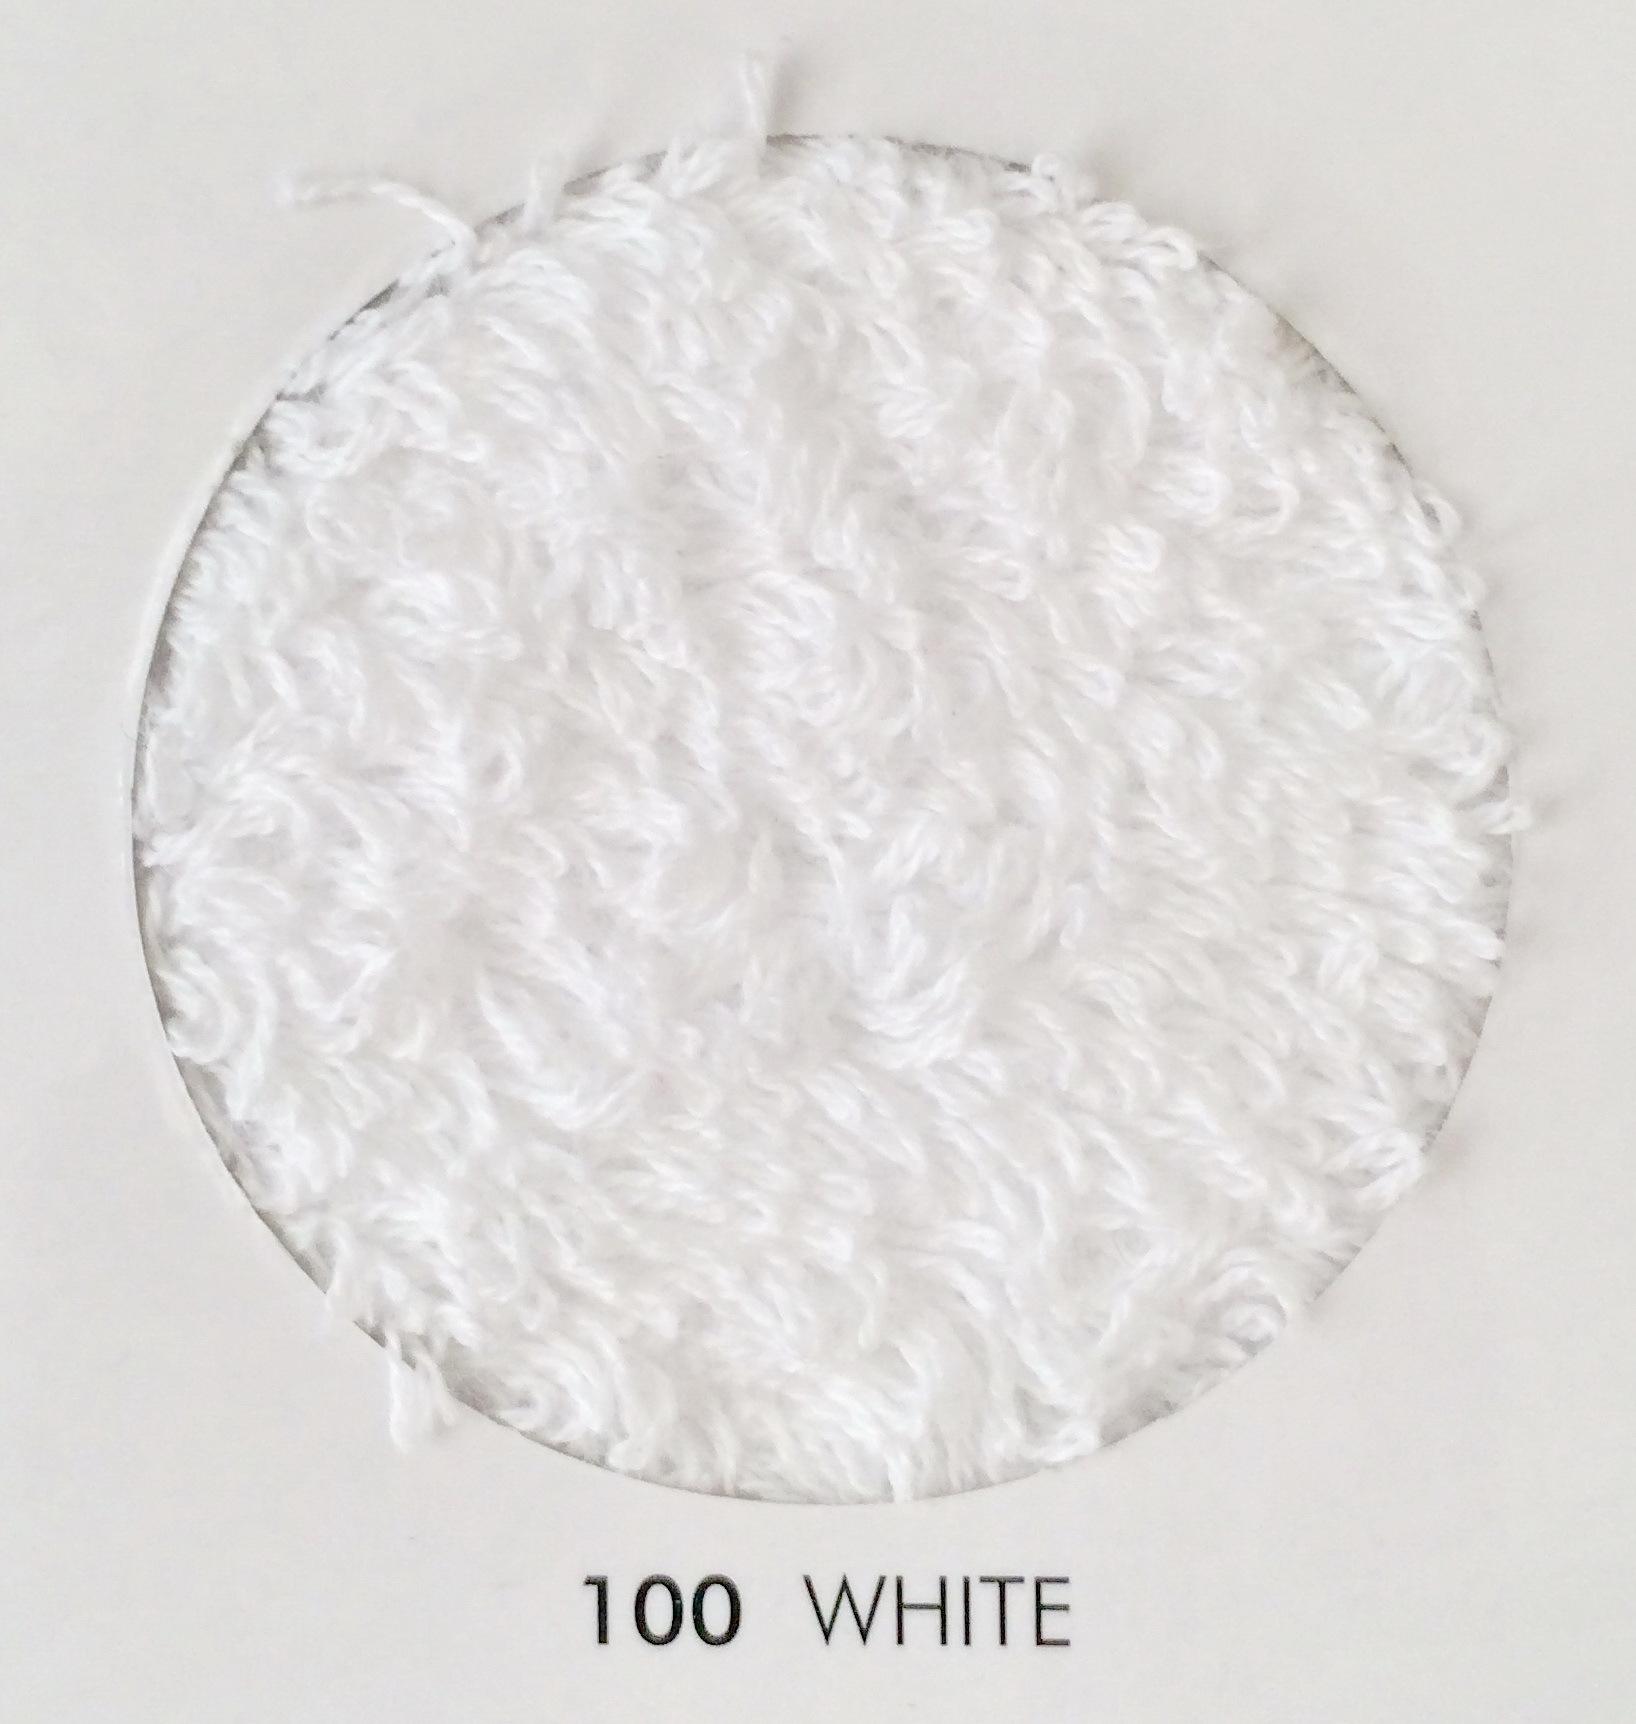 Коврики для унитаза Коврик для унитаза 60х60 Abyss & Habidecor Must 100 белый elitnyy-kovrik-dlya-unitaza-must-100-belyy-ot-abyss-habidecor-portugaliya.jpg